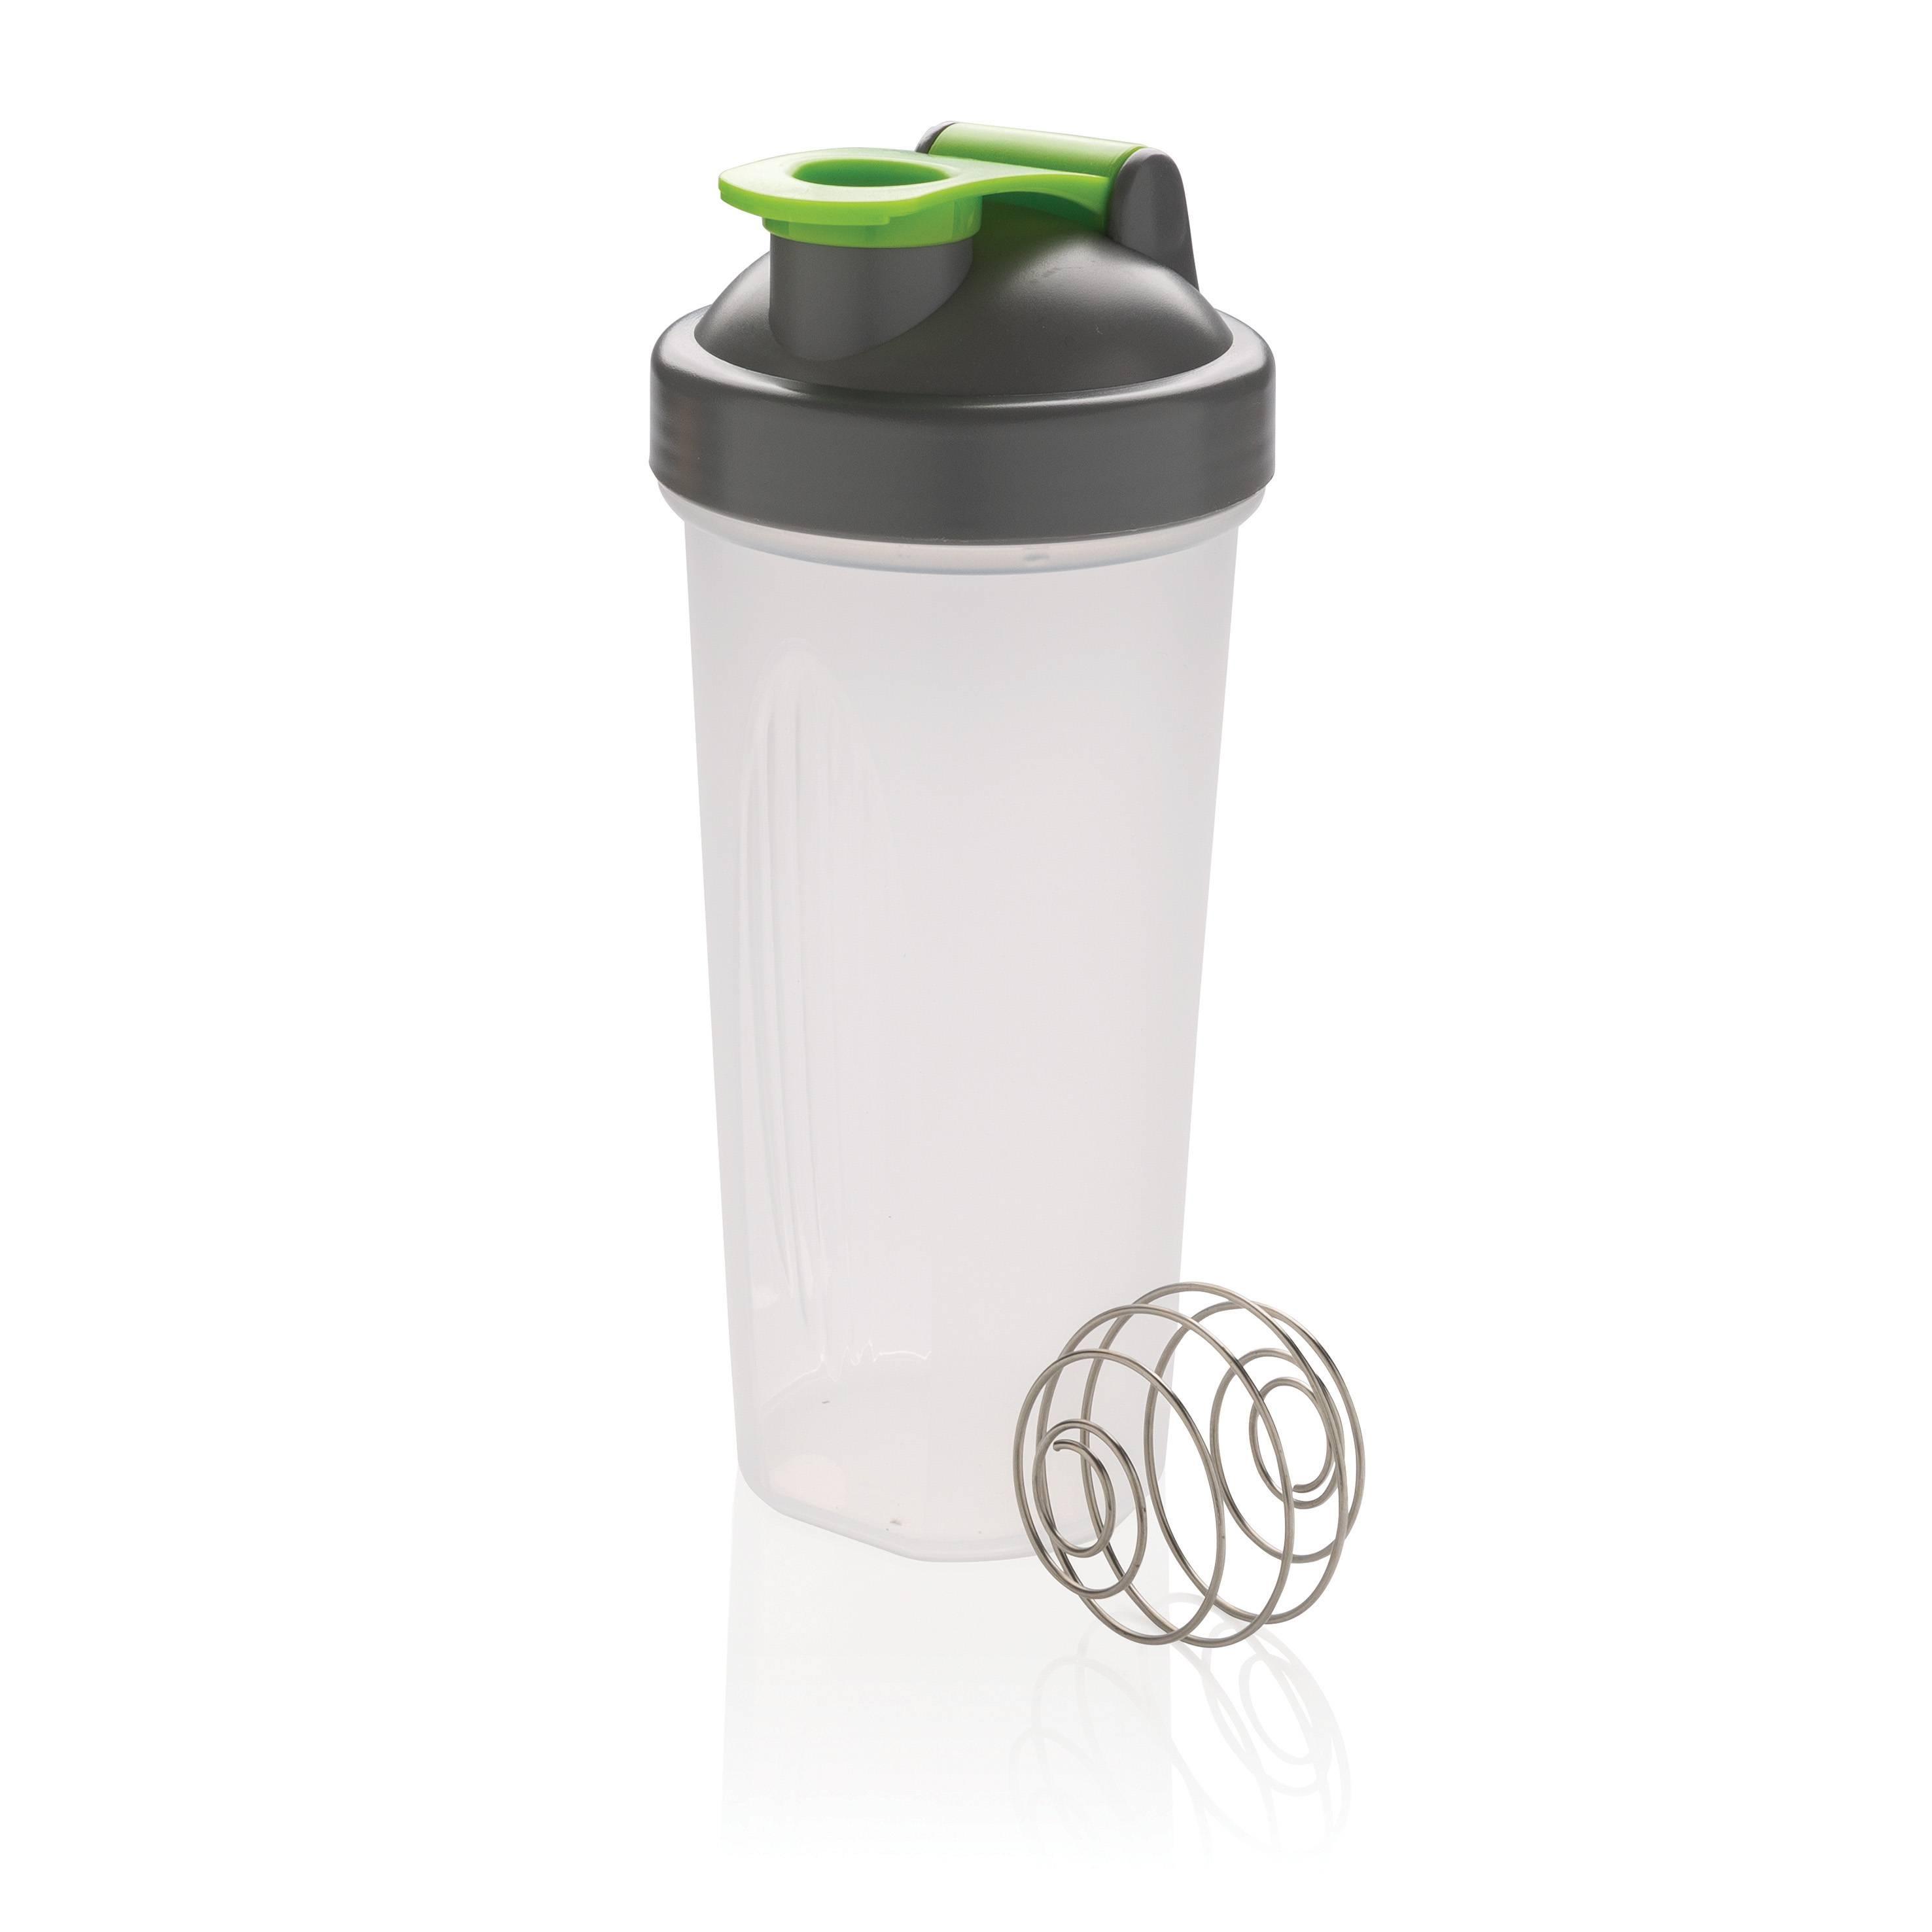 Shakerflaske (Grøn)